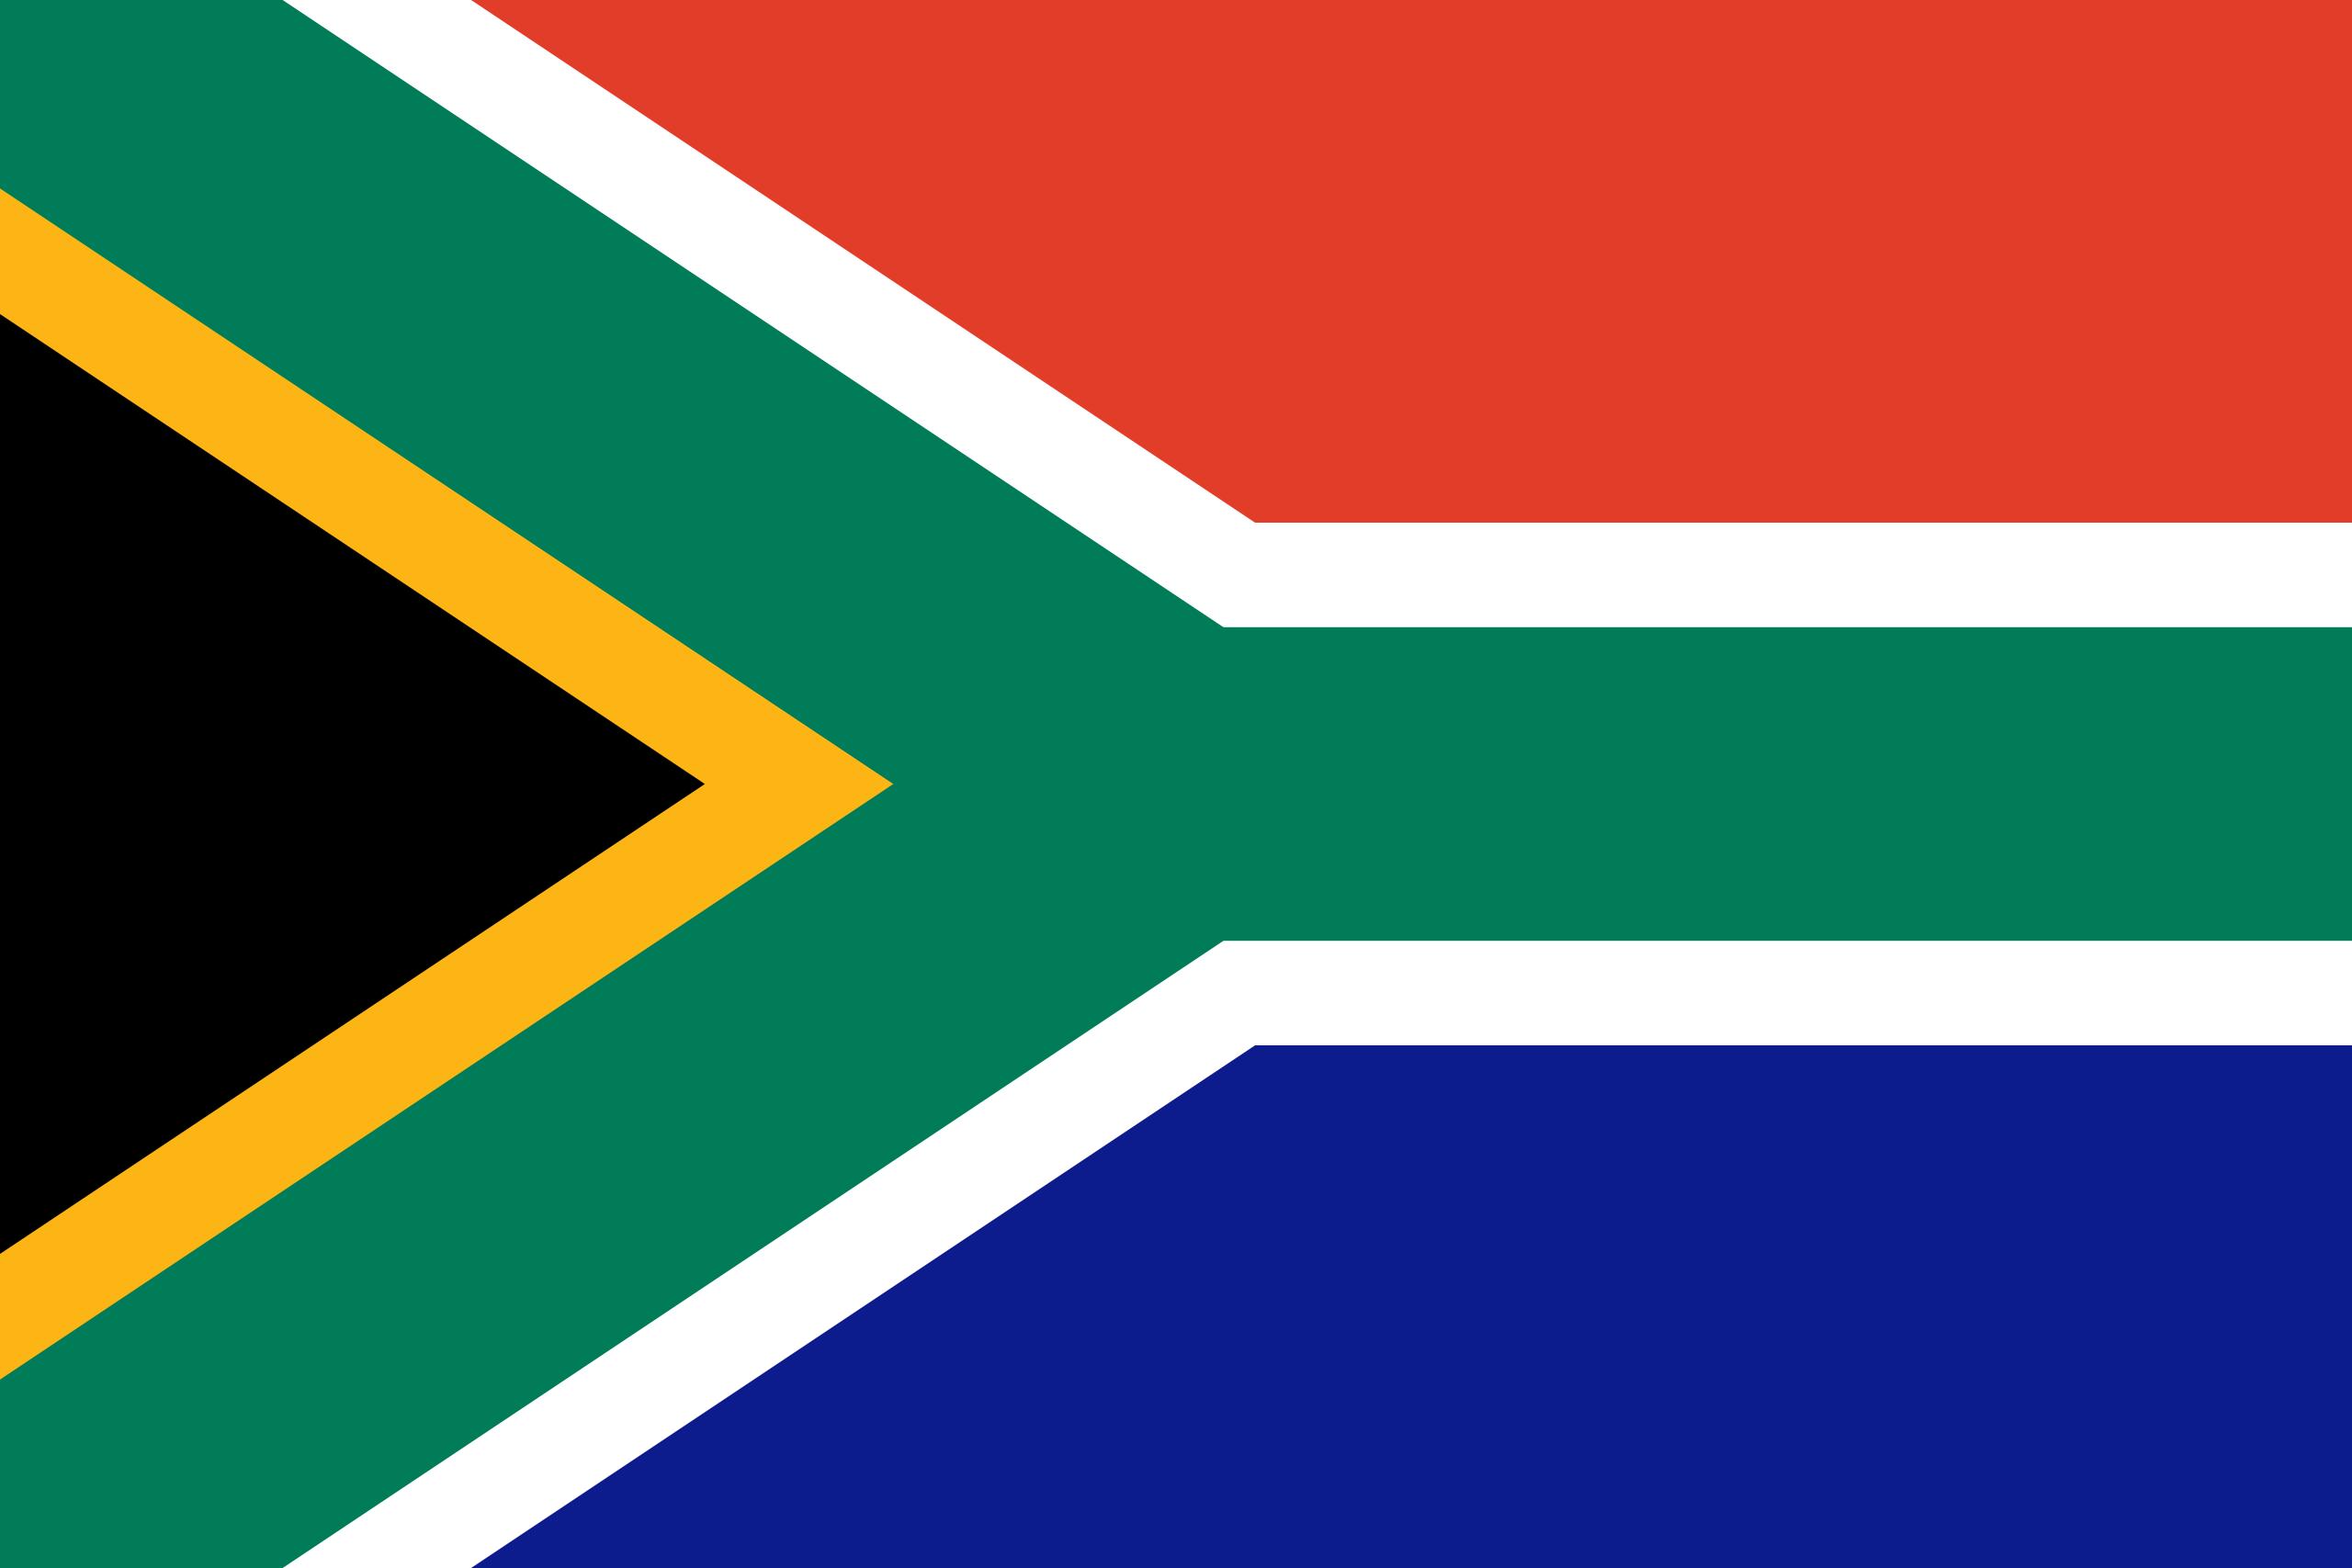 南非, 国家, 会徽, 徽标, 符号 - 高清壁纸 - 教授-falken.com